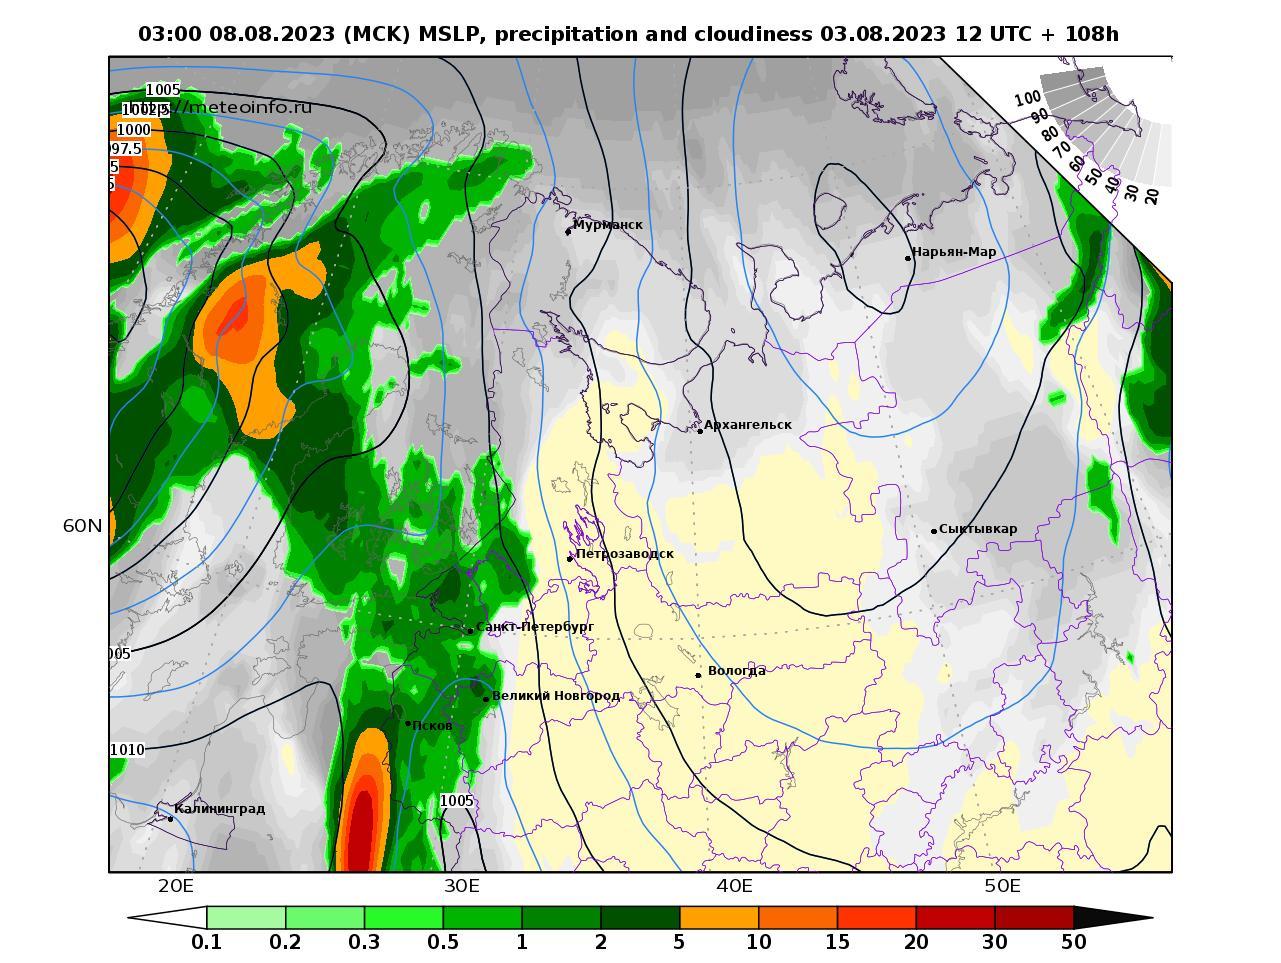 Северо-Западный Федеральный округ, прогностическая карта осадки и давление, заблаговременность прогноза 108 часов